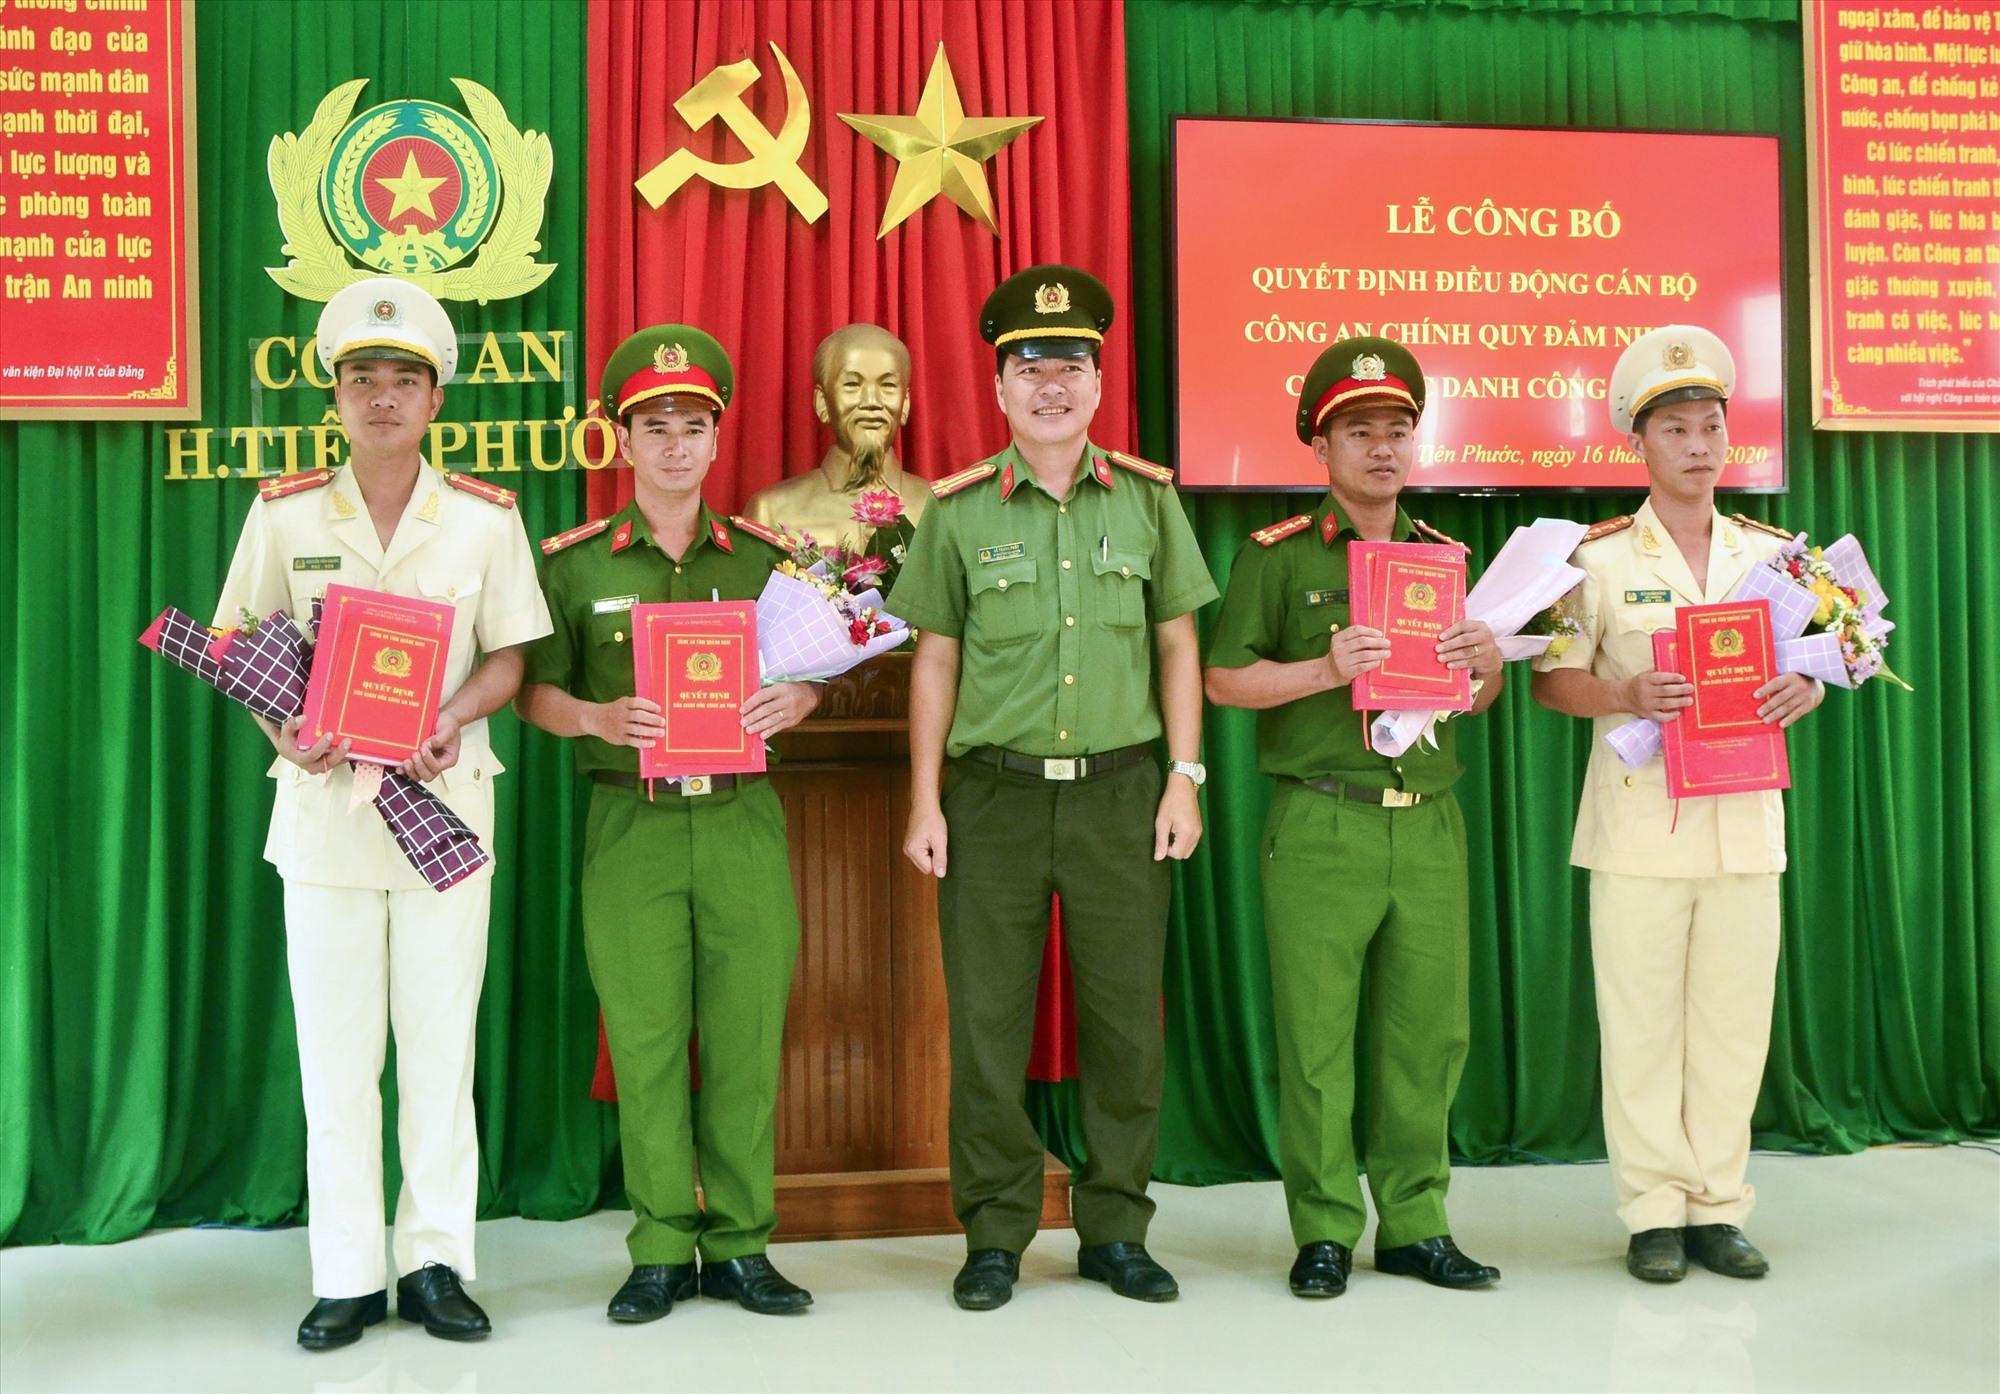 Lãnh đạo Công an huyện Tiên Phước trao Quyết định của Giám đốc Công an tỉnh cho các đồng chí công an về đảm nhiệm các chức danh Công an xã.